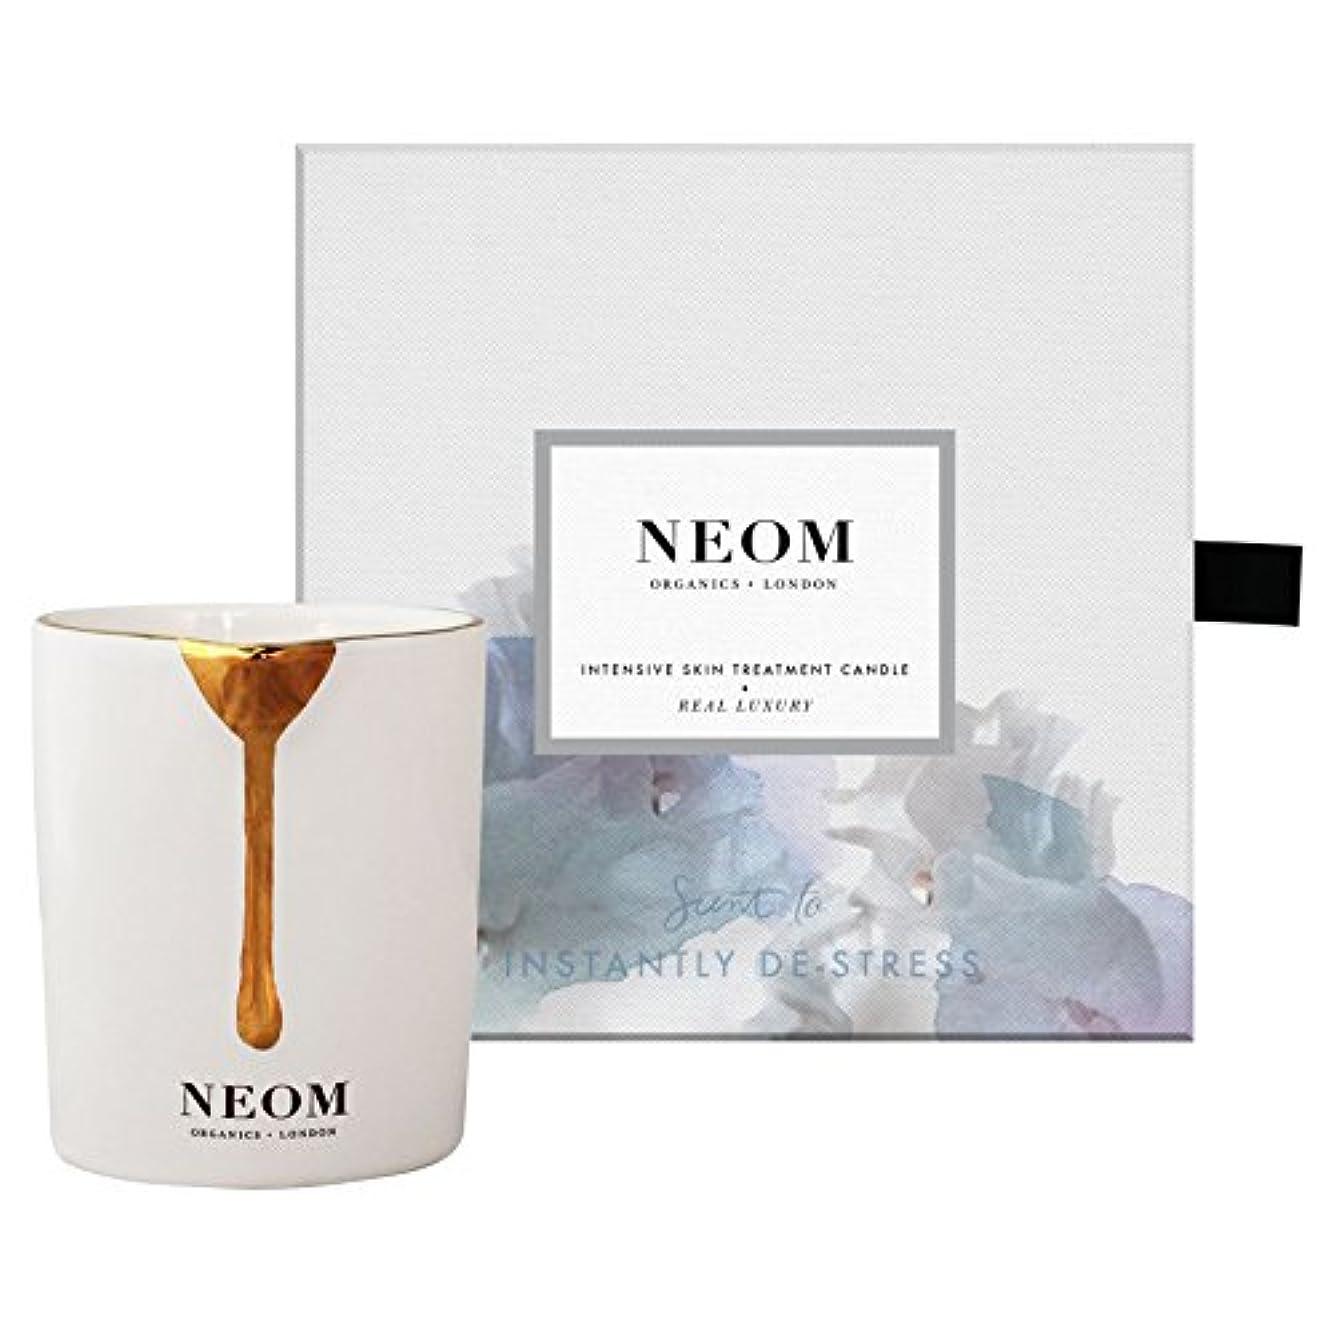 クマノミ倉庫現実には[Neom] Neom本当の贅沢なスキントリートメントキャンドル - Neom Real Luxury Skin Treatment Candle [並行輸入品]